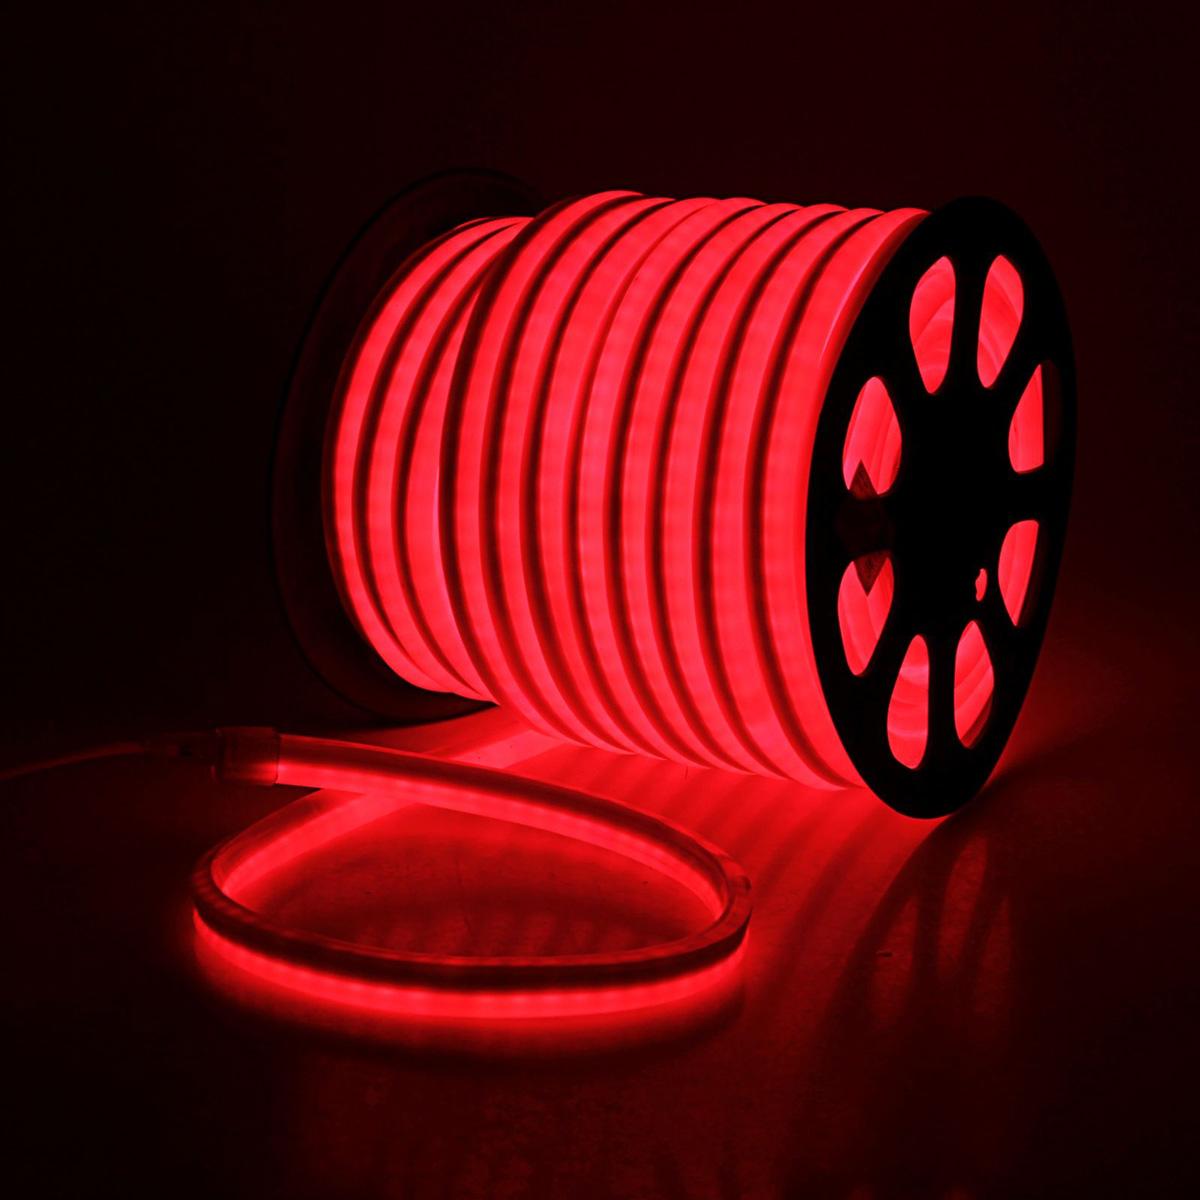 Гирлянда светодиодная  Sima-land , 80 ламп, 220 V, цвет: красный, 1,2 см х 2,4 см х 50 м. 185467 -  Гирлянды и светильники